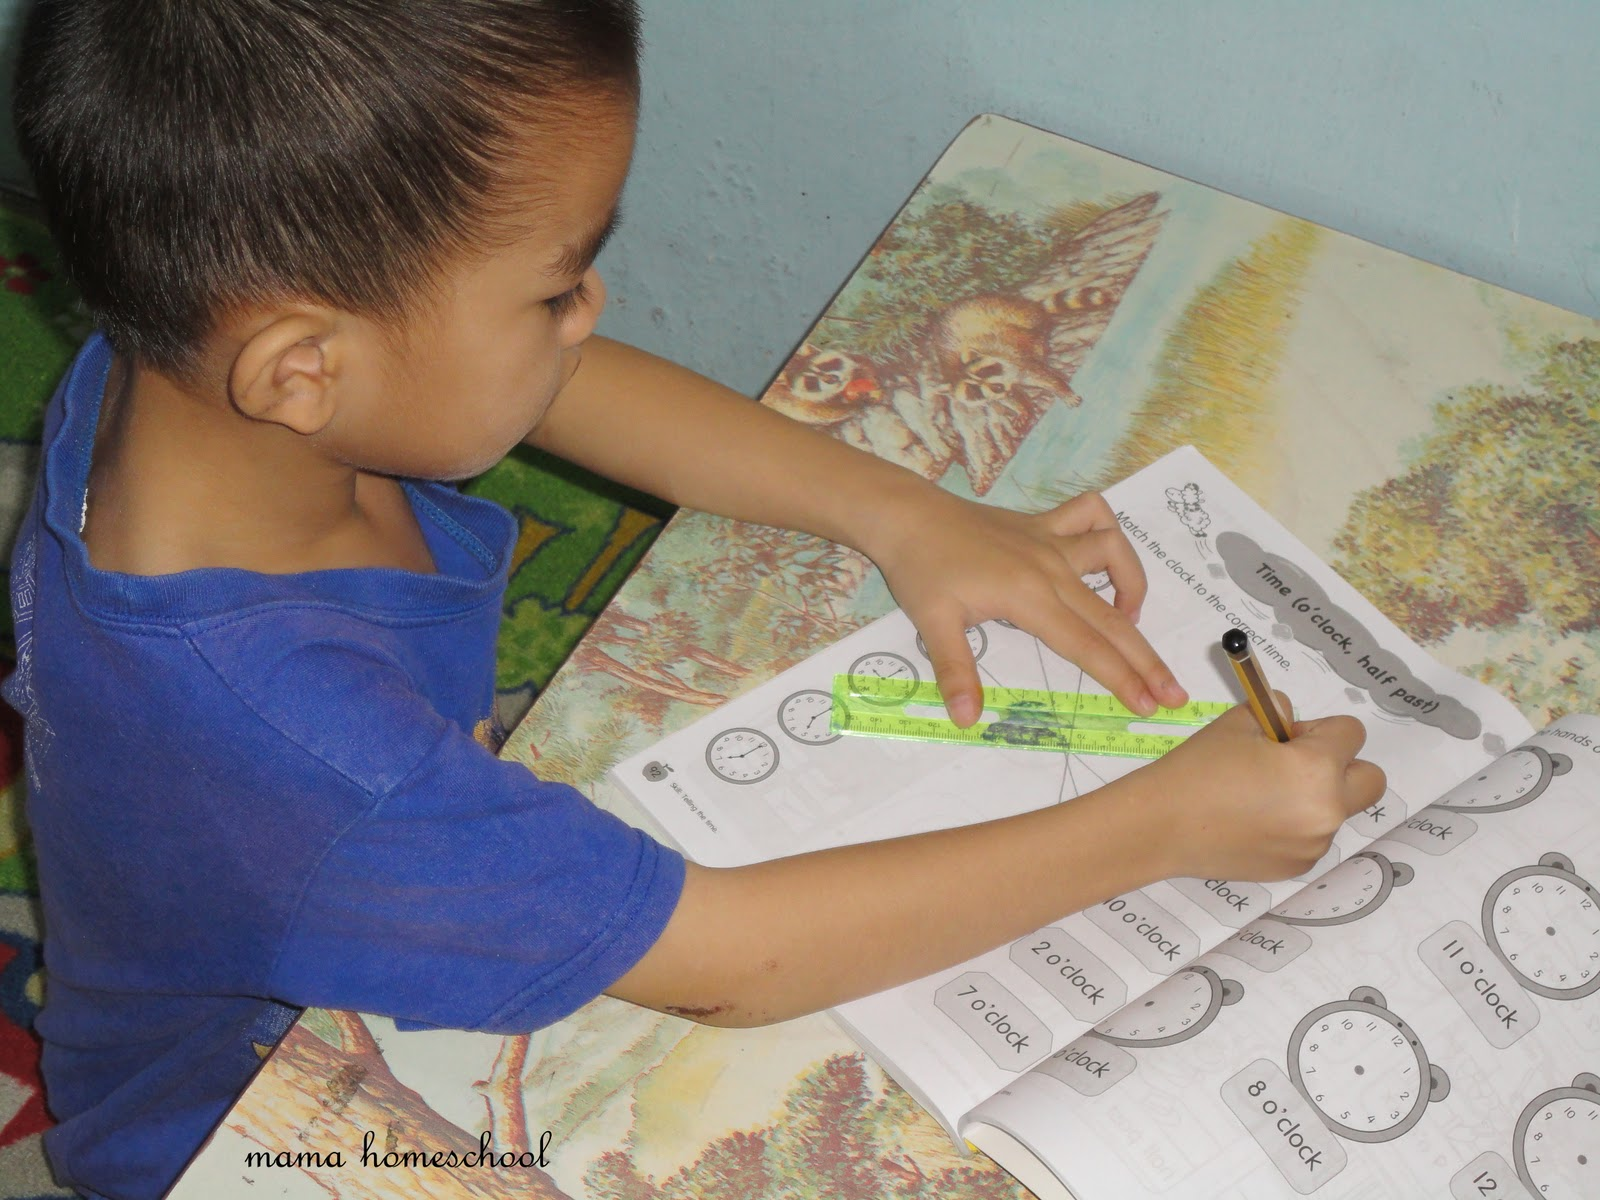 Mama Homeschool Homeschool Angah Time